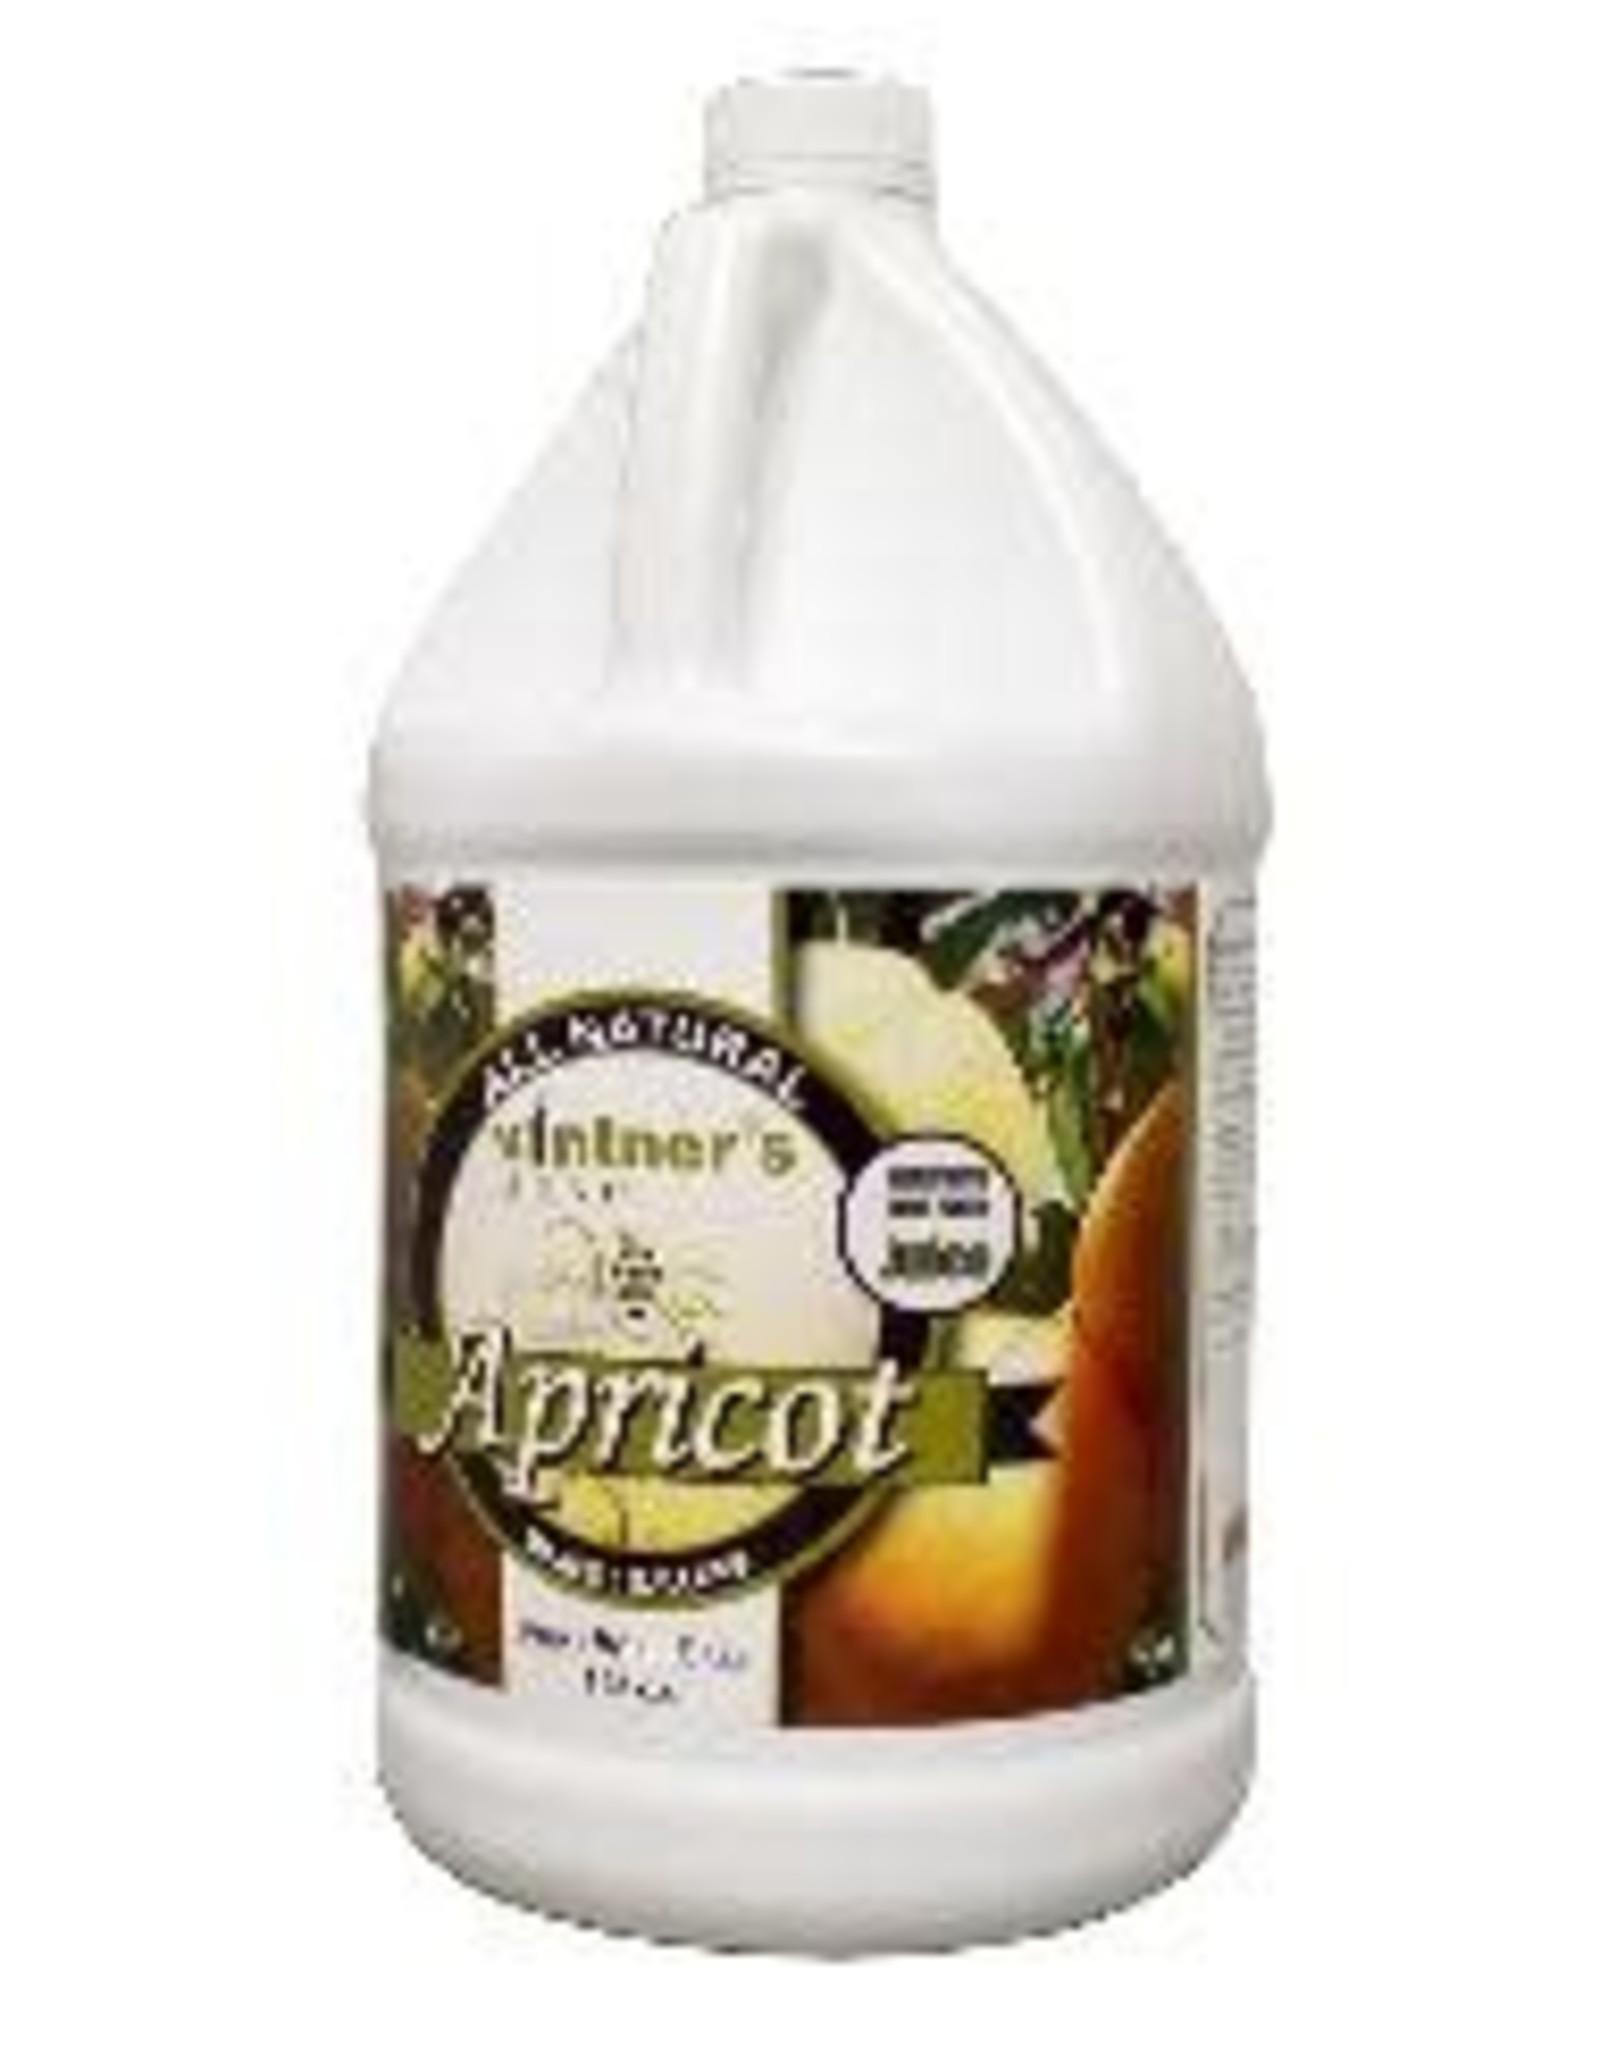 APRICOT FRUIT WINE BASE 128 OZ (1 GALLON)